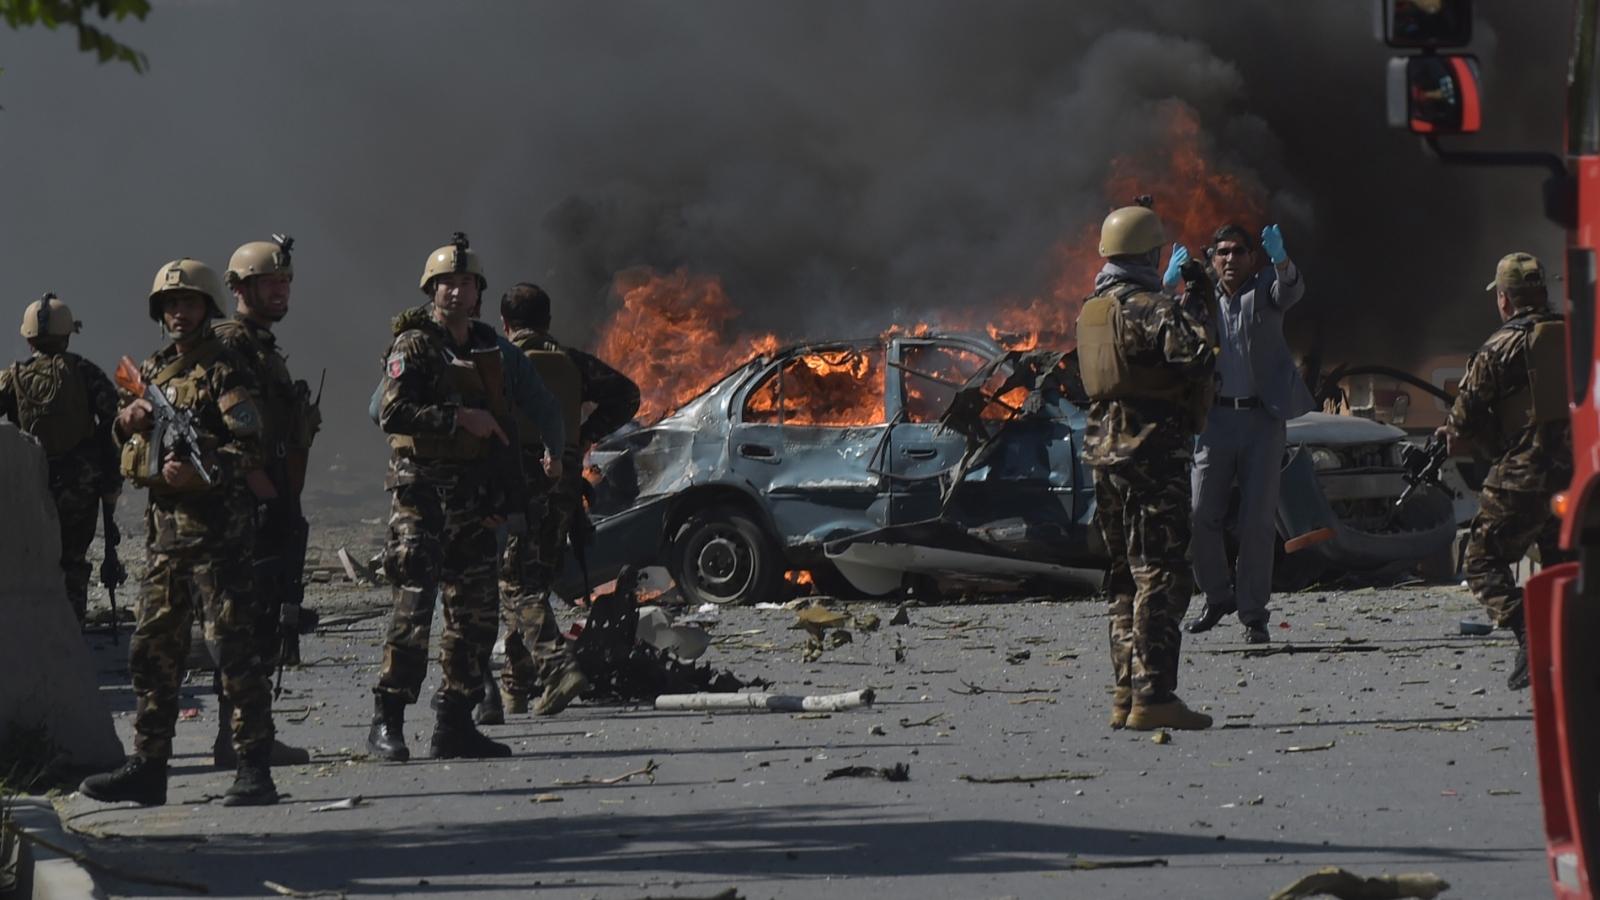 Đánh bom liều chết tại trung tâm giáo dục ở Afghanistan làm 24 người thiệt mạng